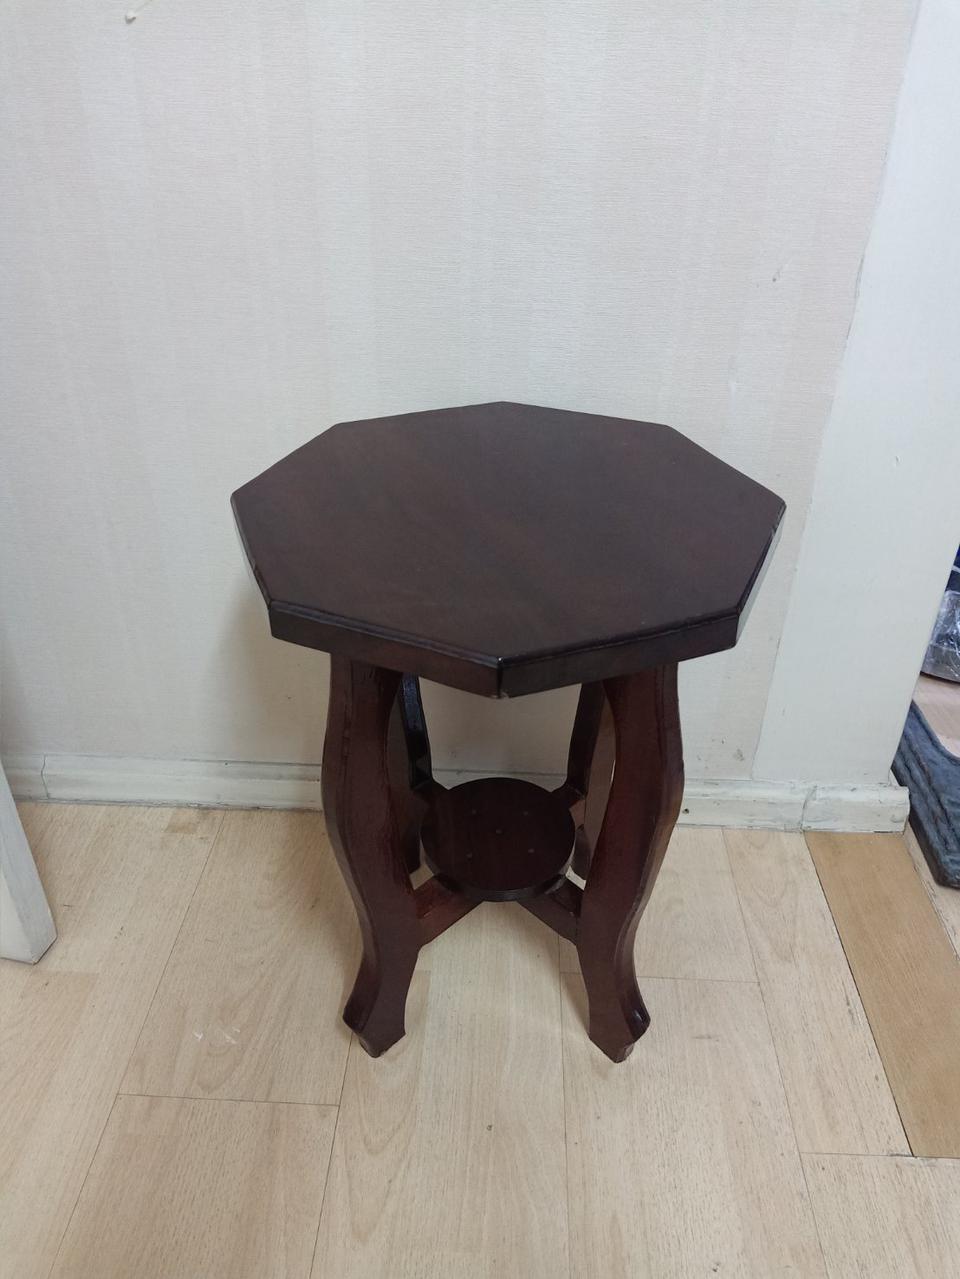 ชั้นวางของ+เก้าอี้ไม้ มือ2 รูปที่ 4